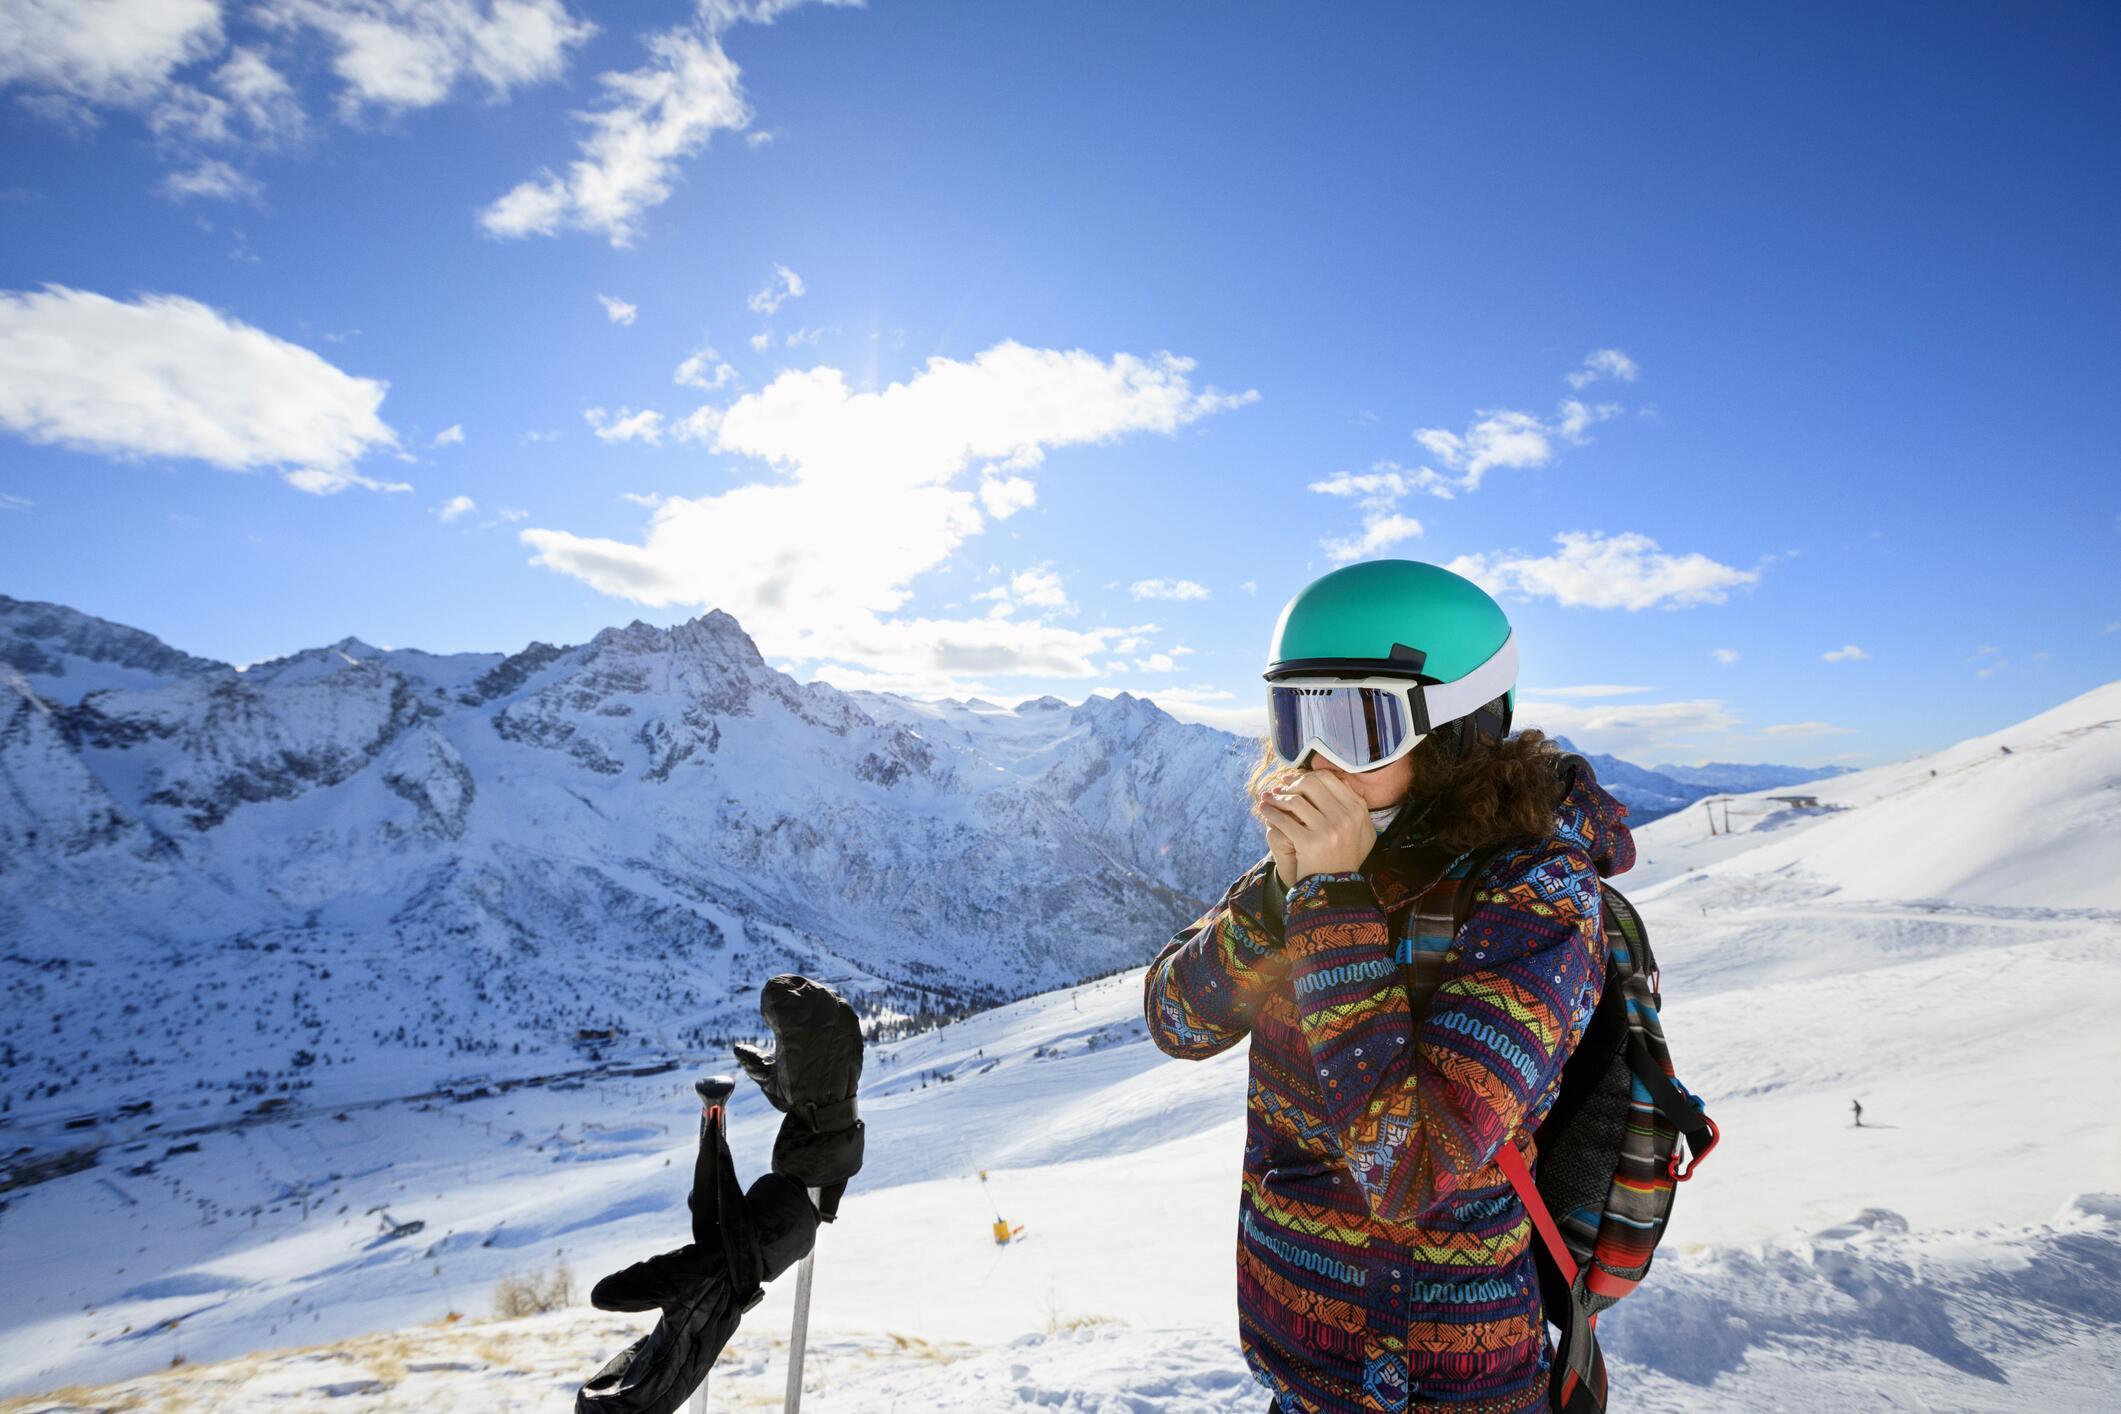 Bild zu Skihelm, Snowboardhelm, Skiausrüstung, Snowboardausrüstung, Skifahren